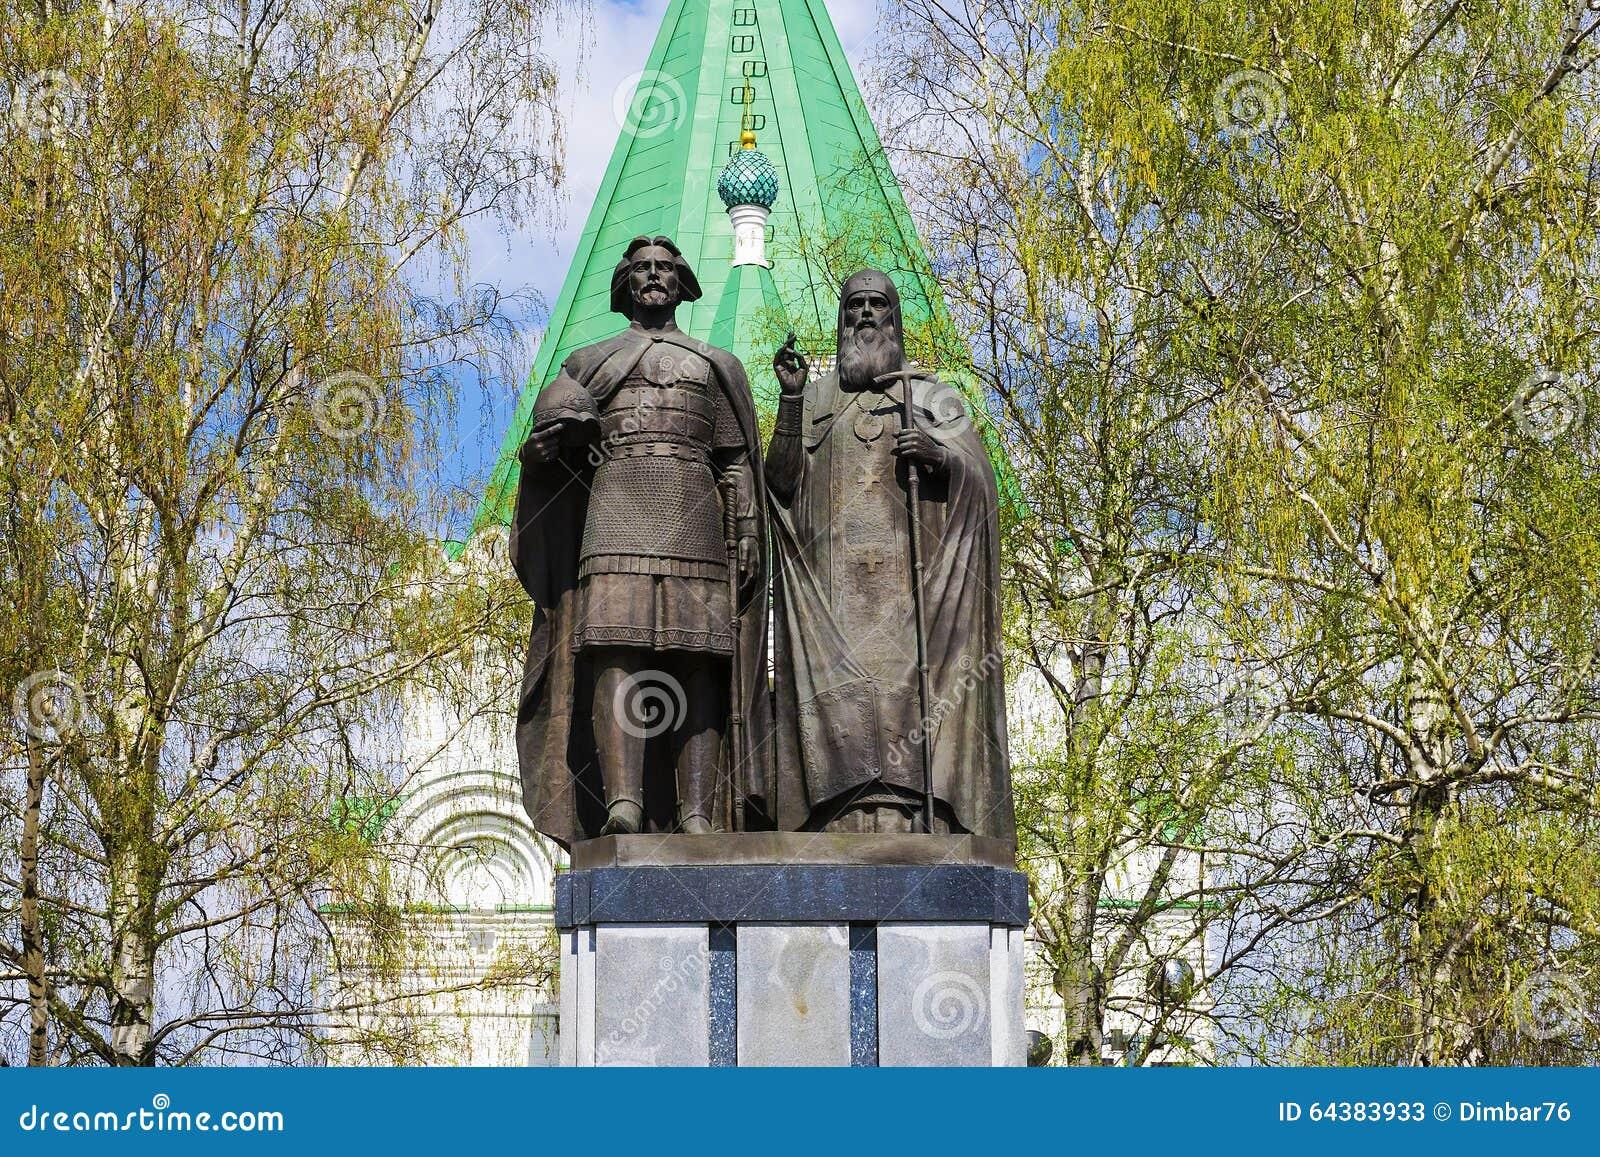 Monumento al fundador de Nizhny Novgorod - George Vsevolodovic